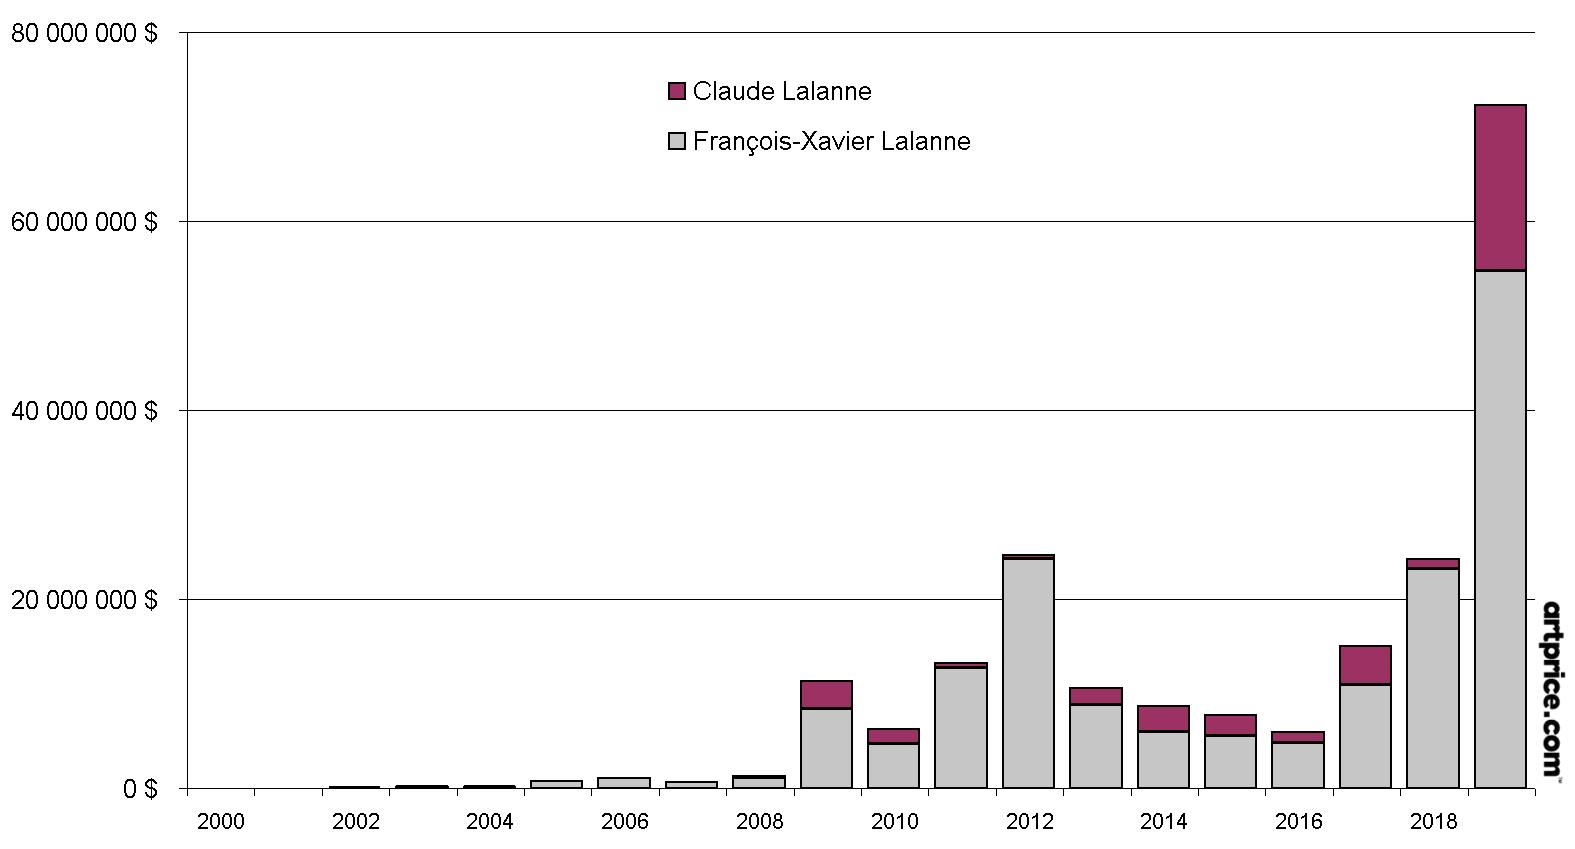 Produit des ventes aux enchères de Claude et François-Xavier Lalanne (2000-2019*)